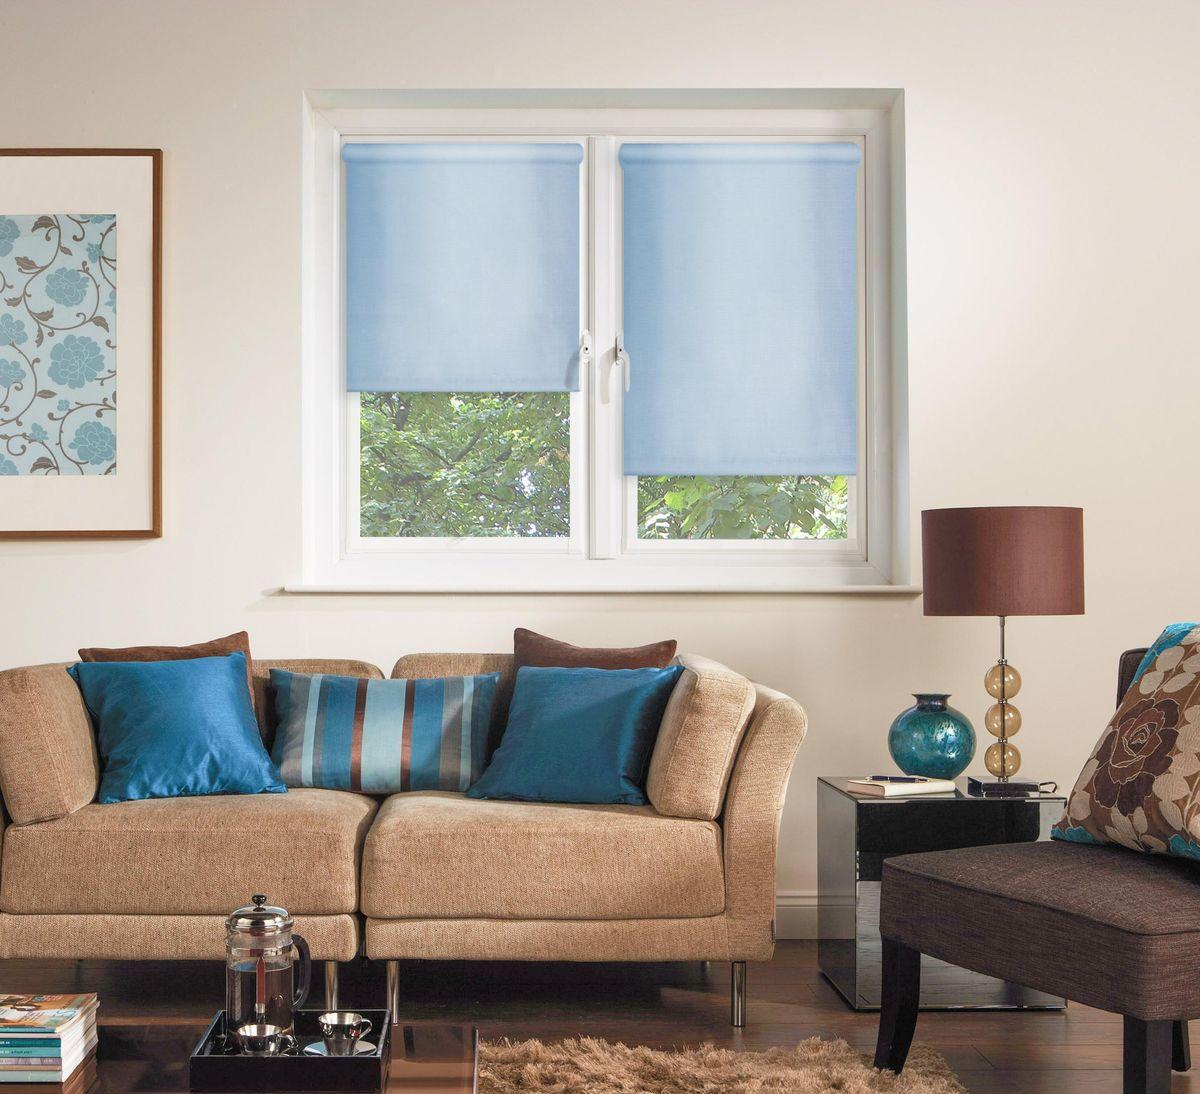 Штора рулонная Эскар Ролло. Однотонные, цвет: голубой, ширина 140 см, высота 170 см81005140170Рулонными шторами можно оформлять окна как самостоятельно, так ииспользовать в комбинации с портьерами. Это поможет предотвратитьвыгорание дорогой ткани на солнце и соединит функционал рулонных скрасотой навесных. Преимущества применения рулонных штор для пластиковых окон: - имеют прекрасный внешний вид: многообразие и фактурность материалаизделия отлично смотрятся в любом интерьере;- многофункциональны: есть возможность подобрать шторы способныеэффективно защитить комнату от солнца, при этом о на не будет слишкомтемной.- Есть возможность осуществить быстрый монтаж. ВНИМАНИЕ! Размеры ширины изделия указаны по ширине ткани! Во время эксплуатации не рекомендуется полностью разматывать рулон, чтобыне оторвать ткань от намоточного вала. В случае загрязнения поверхности ткани, чистку шторы проводят одним изспособов, в зависимости от типа загрязнения:легкое поверхностное загрязнение можно удалить при помощи канцелярскоголастика;чистка от пыли производится сухим методом при помощи пылесоса с мягкойщеткой-насадкой;для удаления пятна используйте мягкую губку с пенообразующим неагрессивныммоющим средством или пятновыводитель на натуральной основе (нельзяприменять растворители).